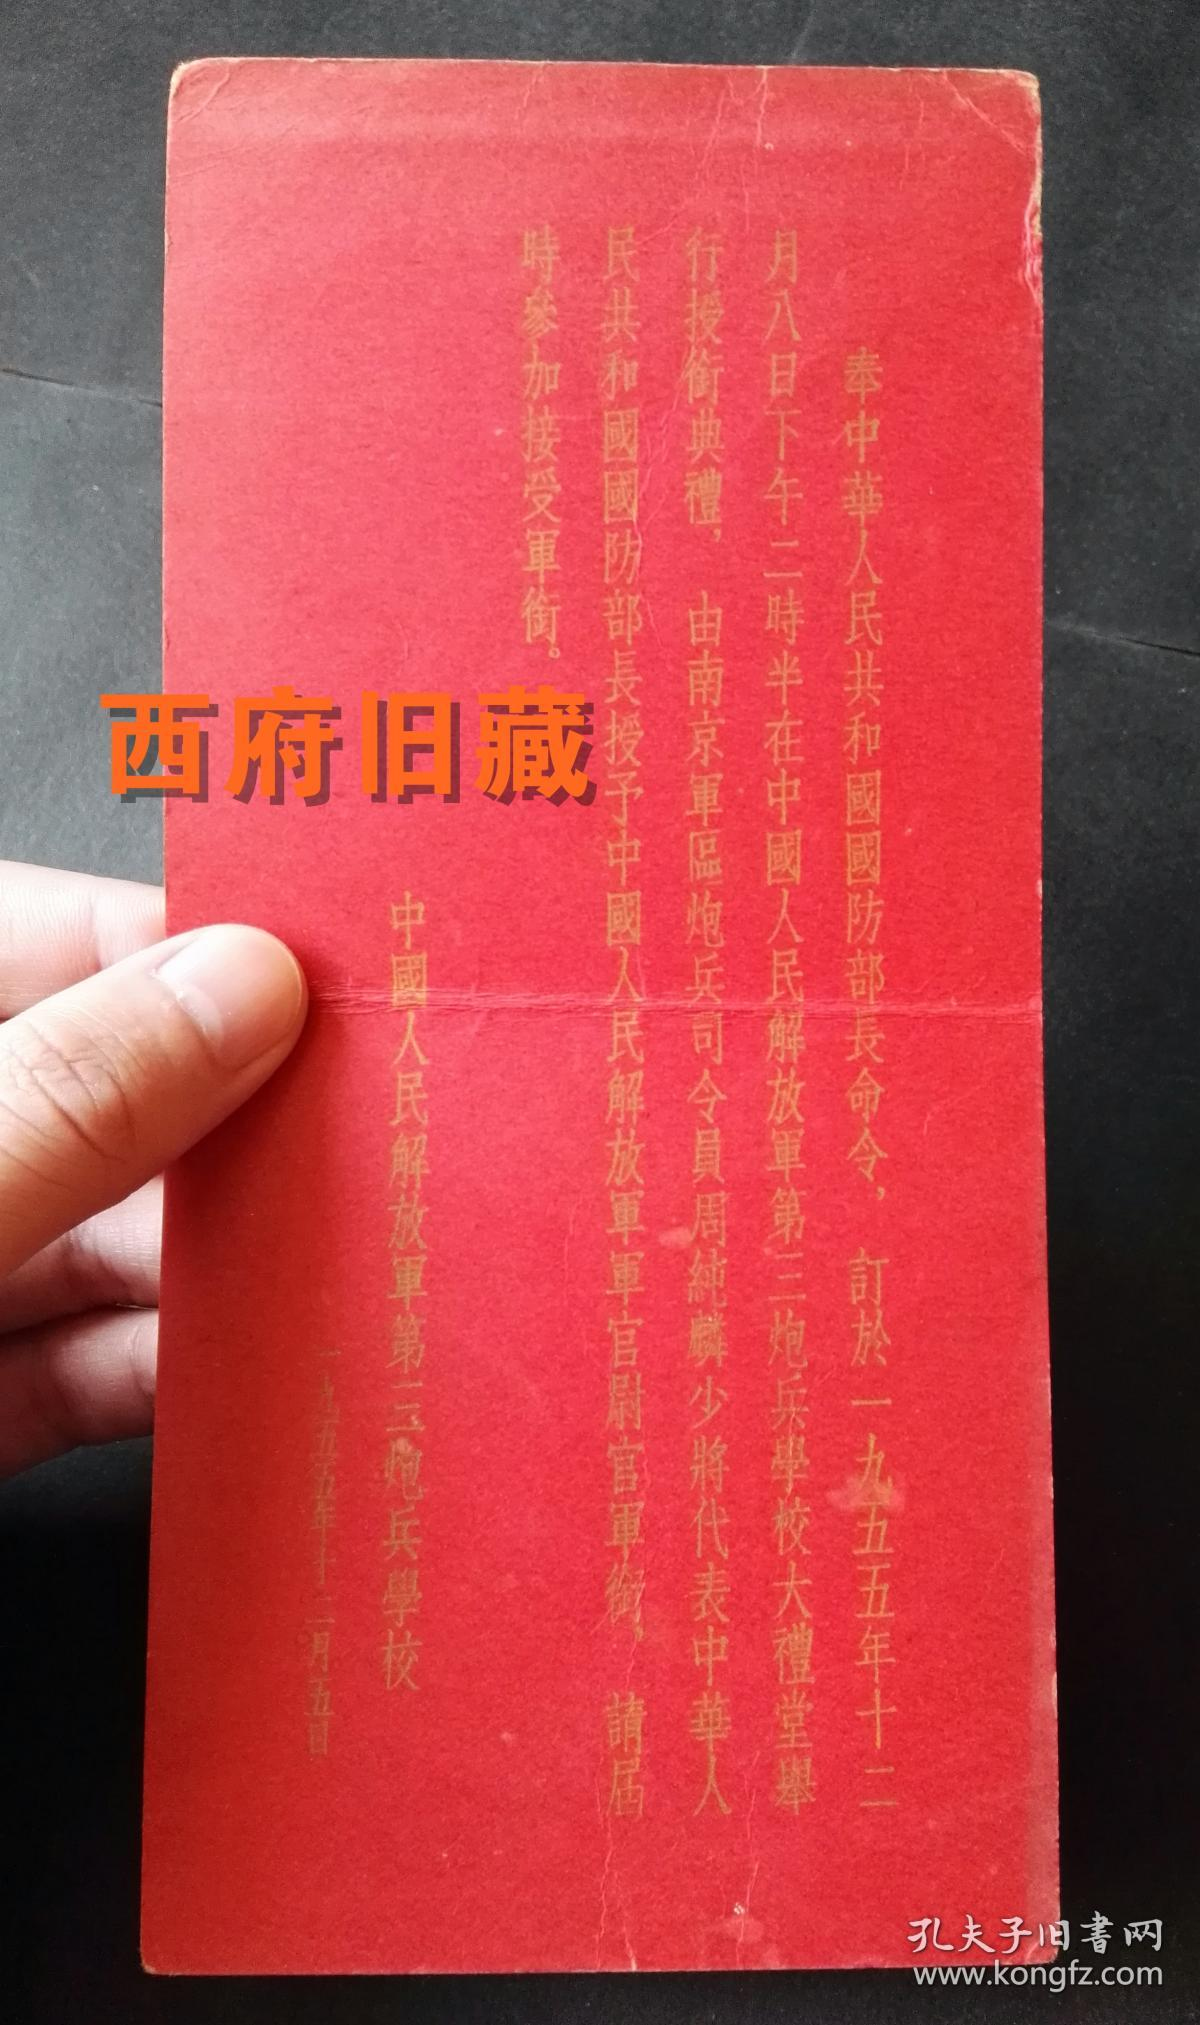 1955年授衔请柬,南京军区炮兵司令员周纯麟少将,第三炮兵学校大礼堂授衔